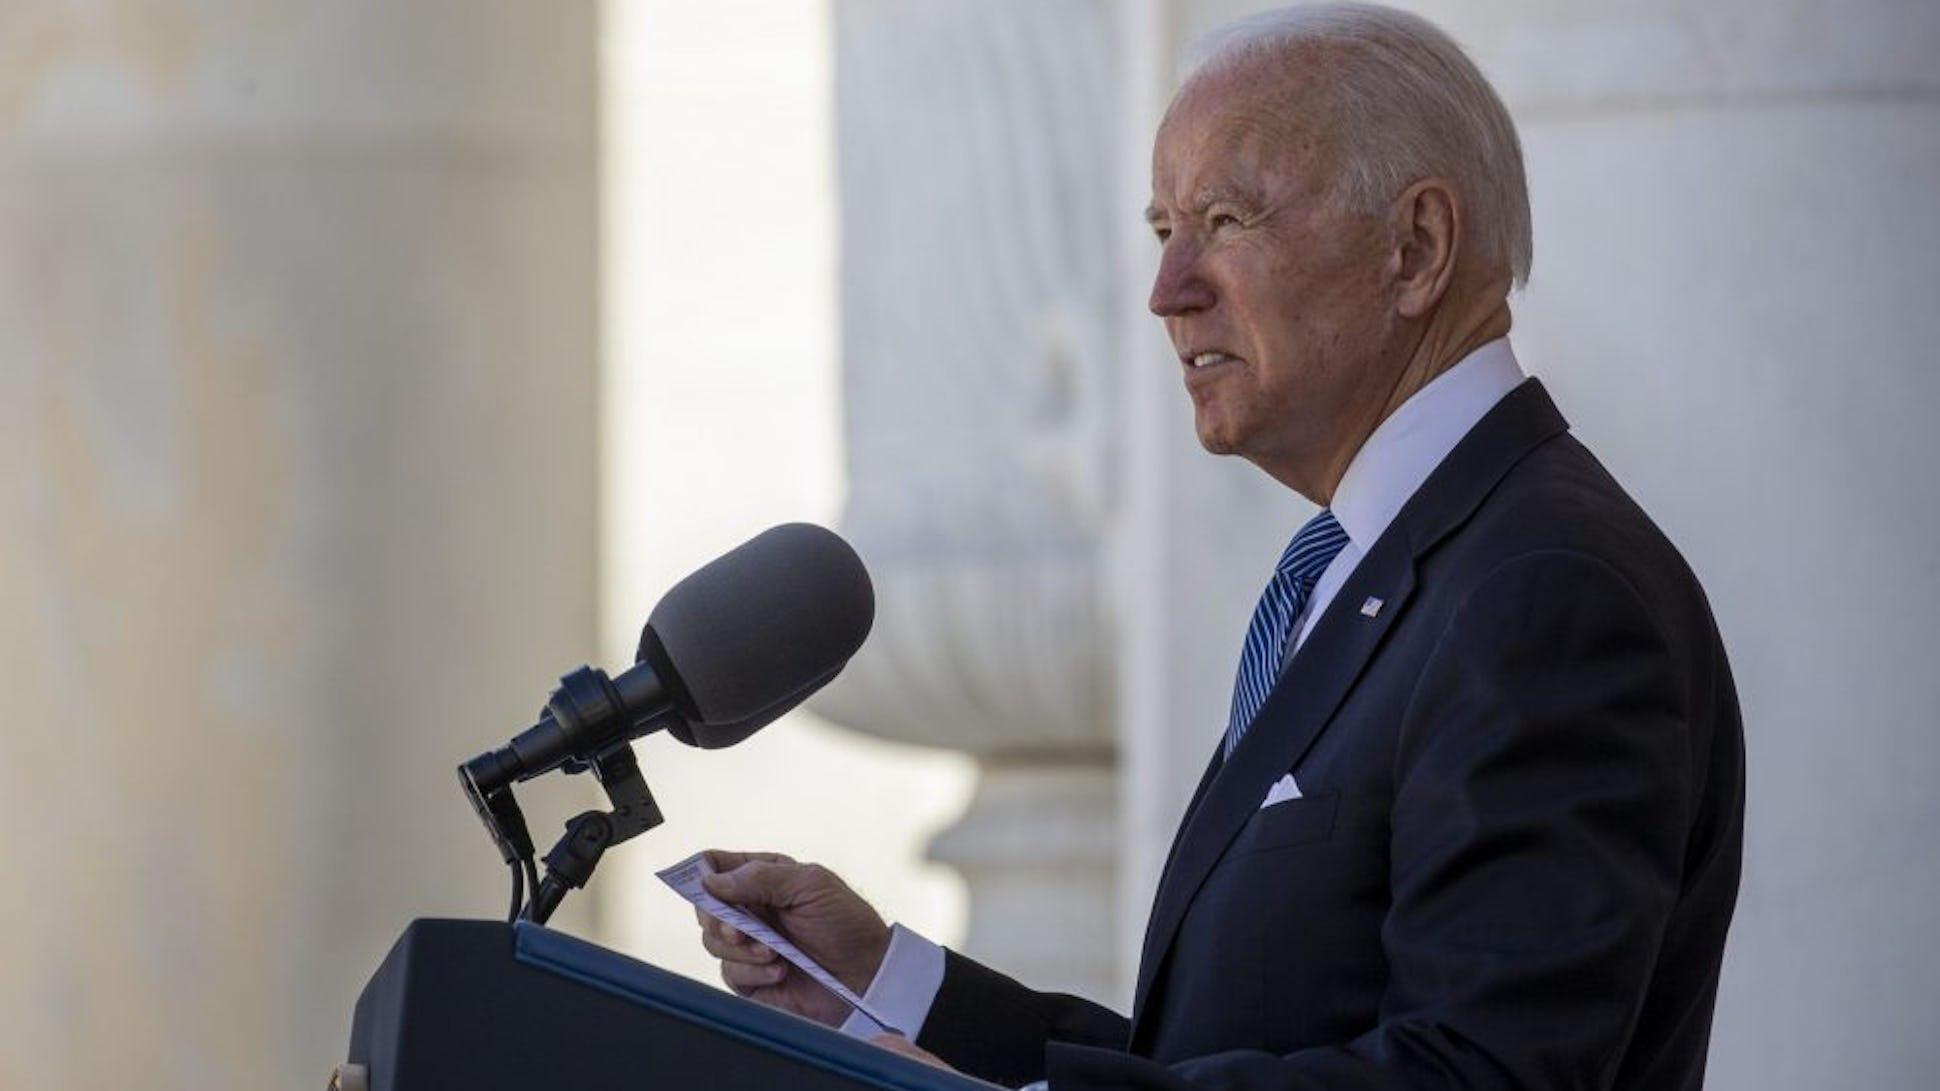 President Joe Biden stands behind a podium, giving a speech